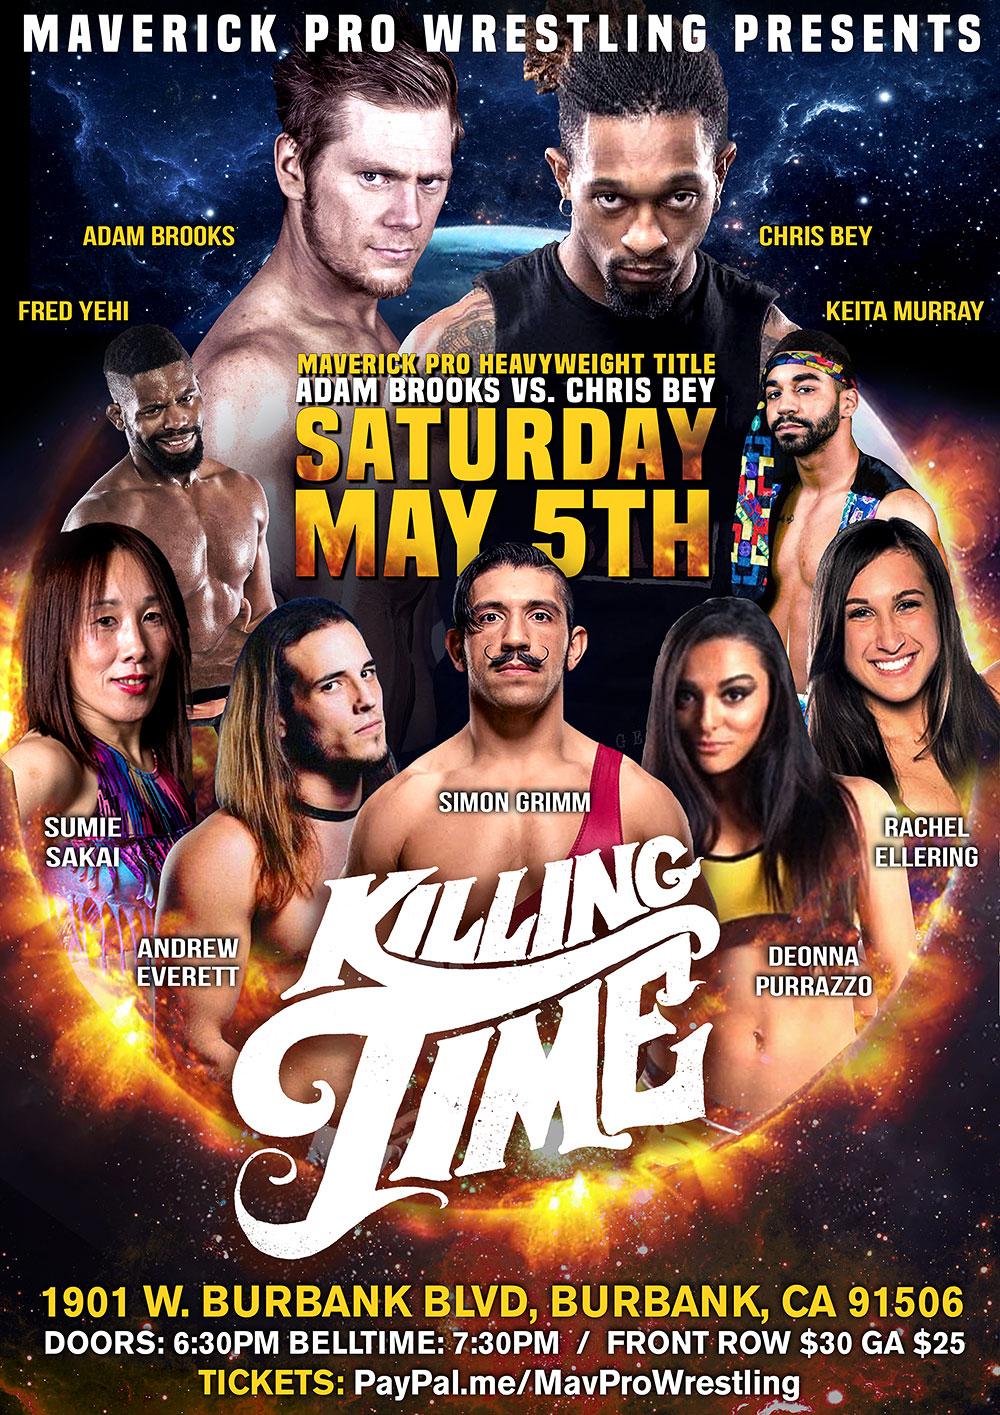 Maverick-Pro-Wrestling_KillingTime_Poster_1000.jpg